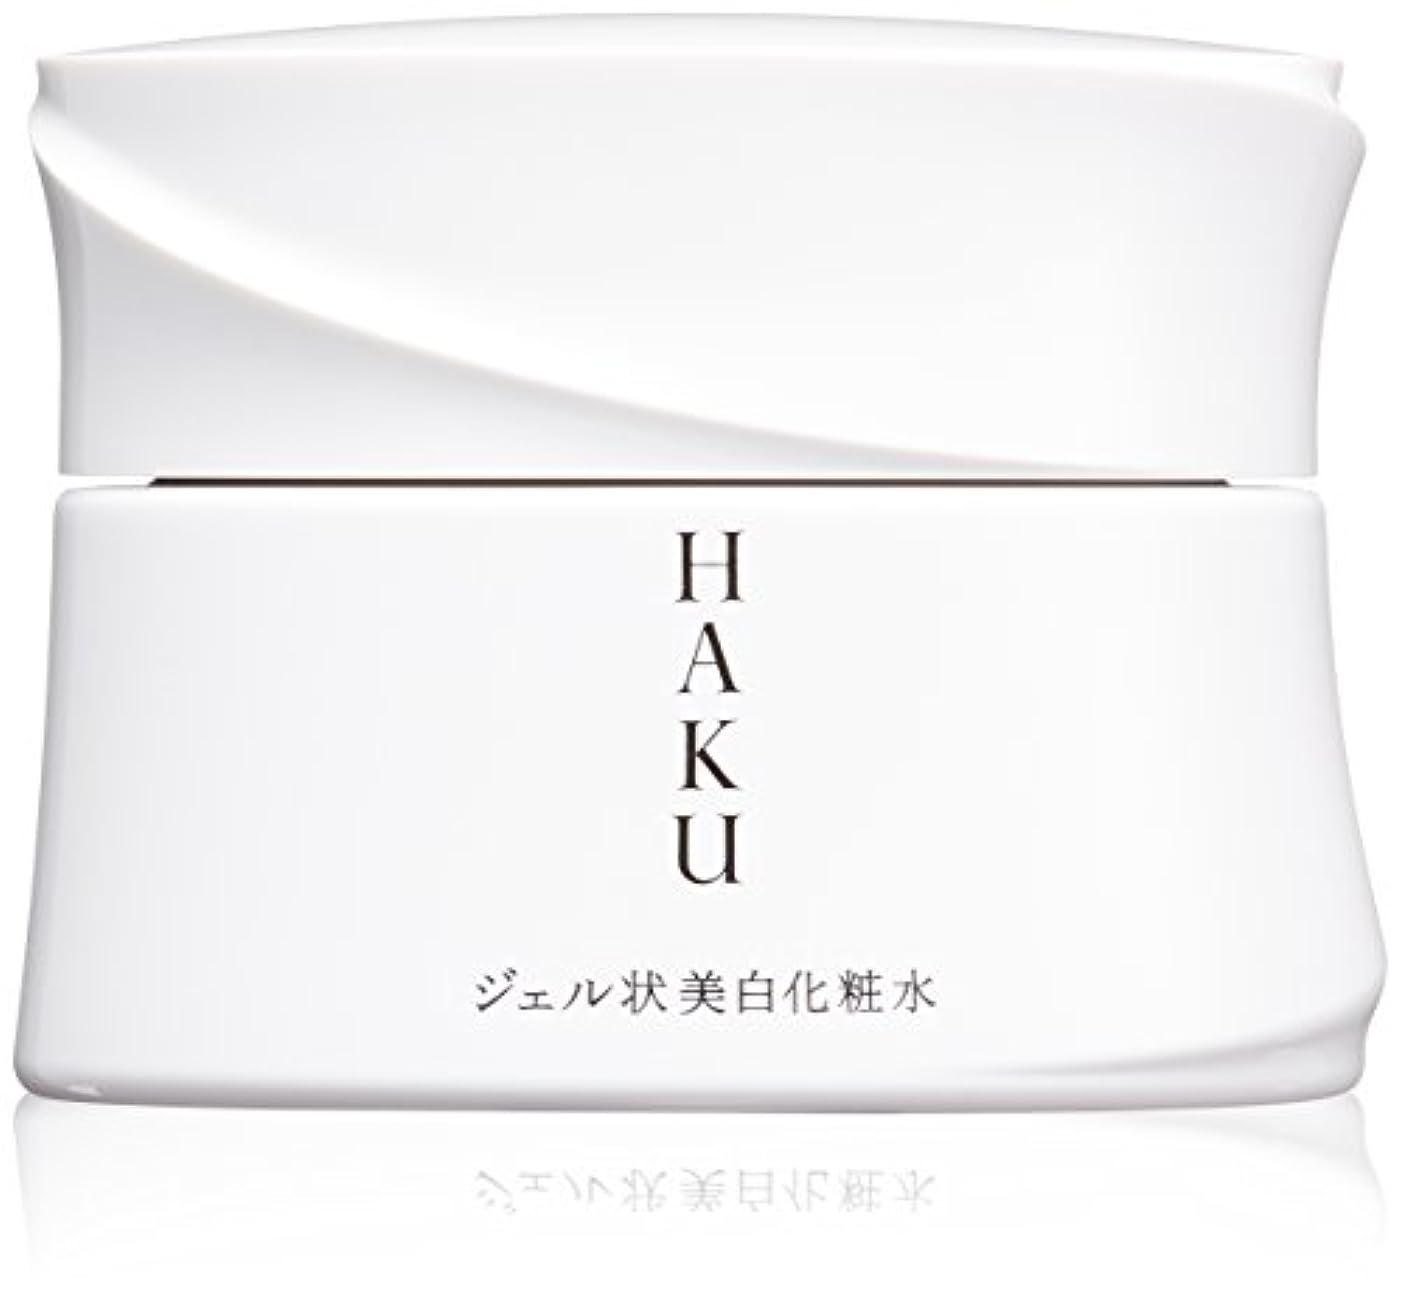 天窓愛されし者一生HAKU メラノディープモイスチャー 美白化粧水 100g 【医薬部外品】